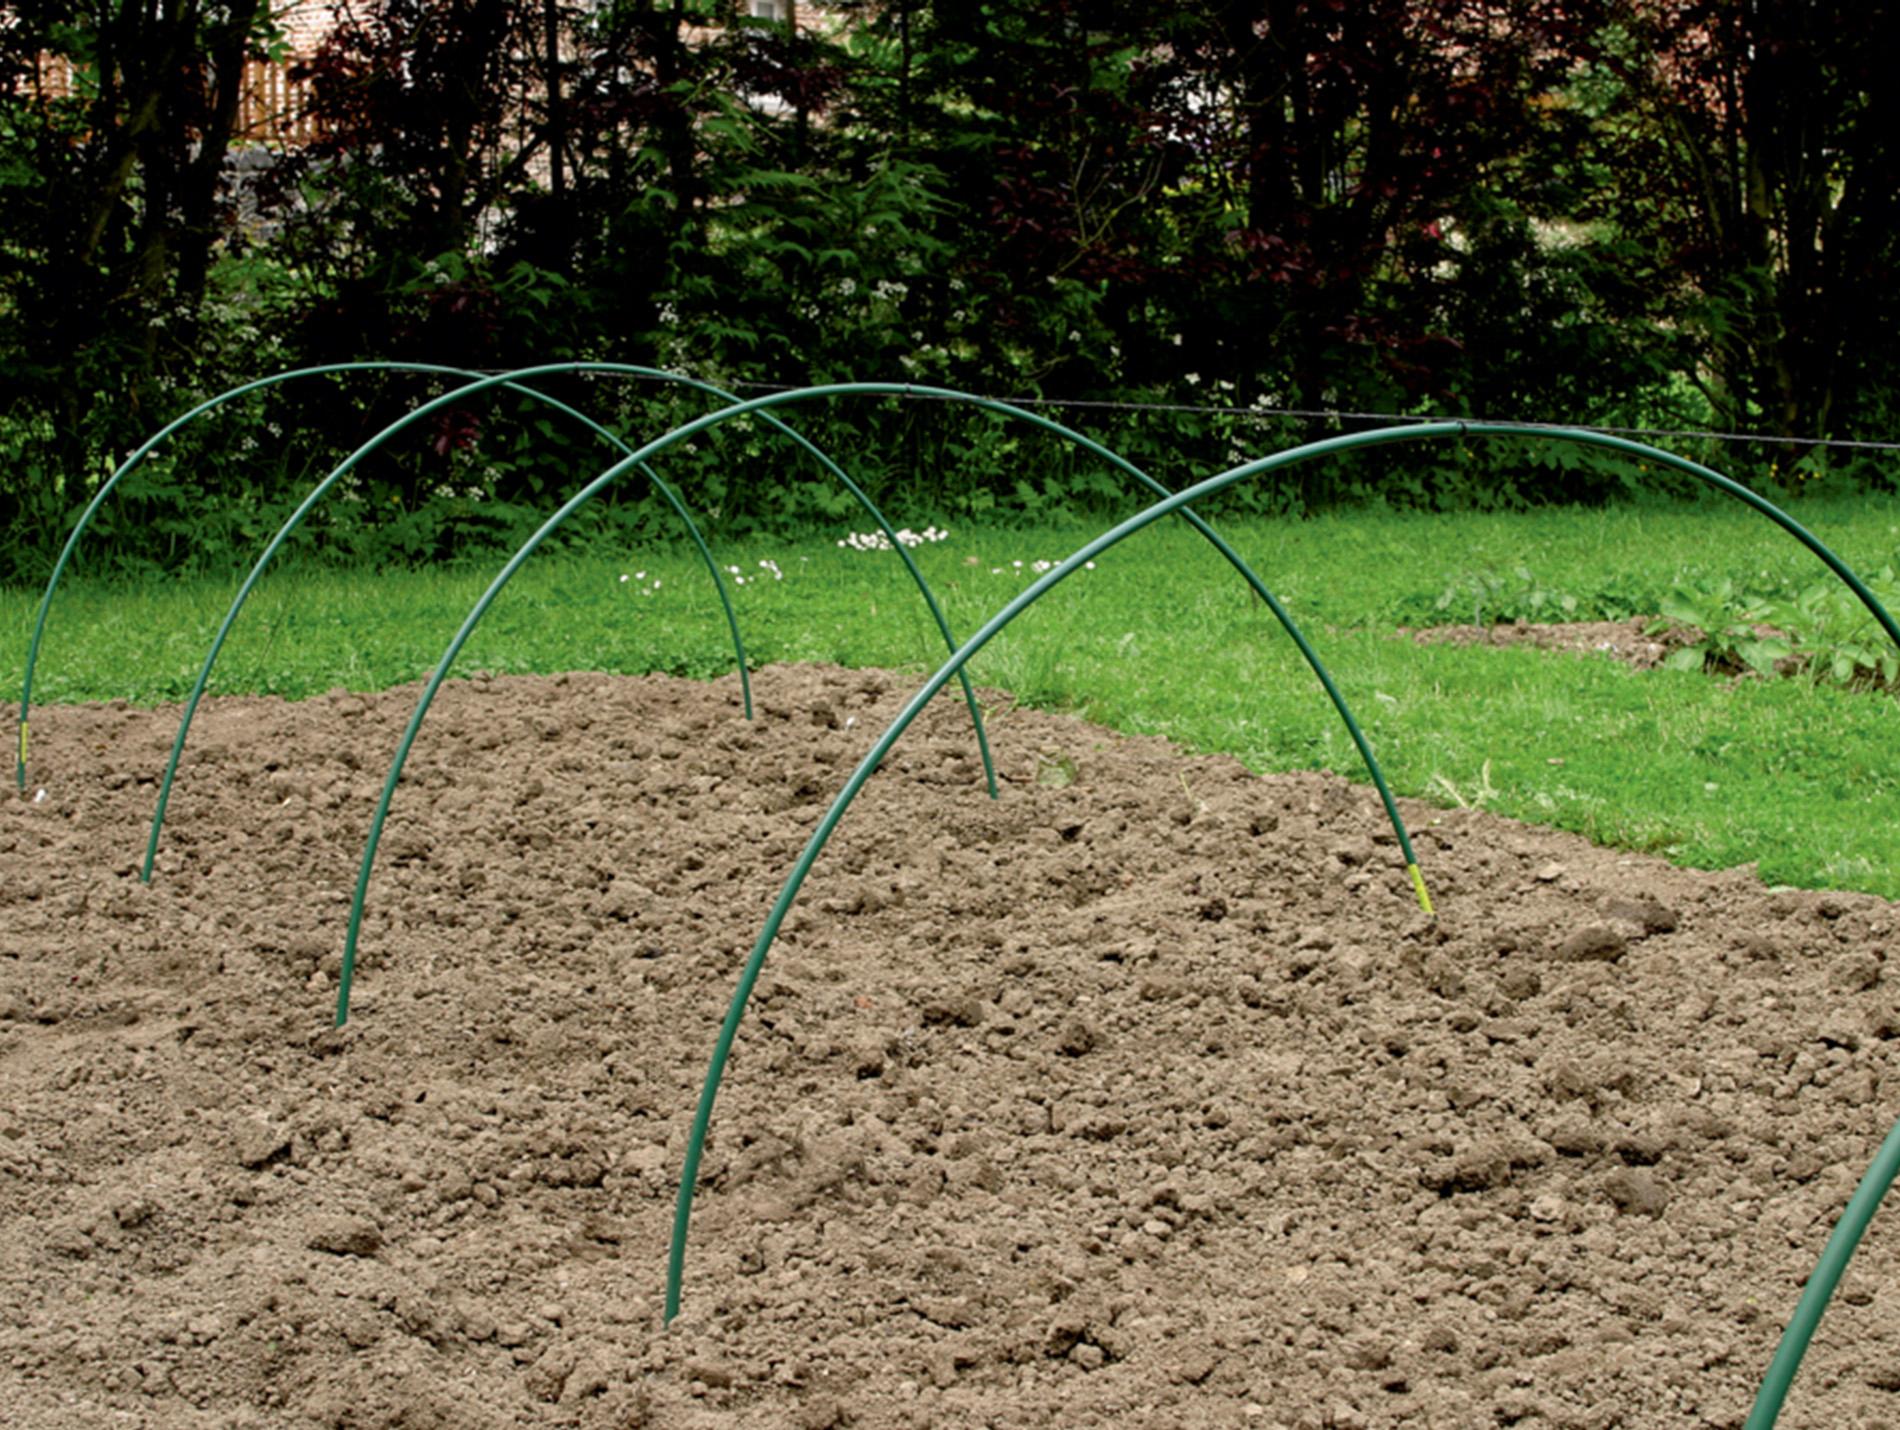 Arceau Pvc Vert 2,50M - Serre De Jardin, Abris De Culture ... pour Arceau Jardin